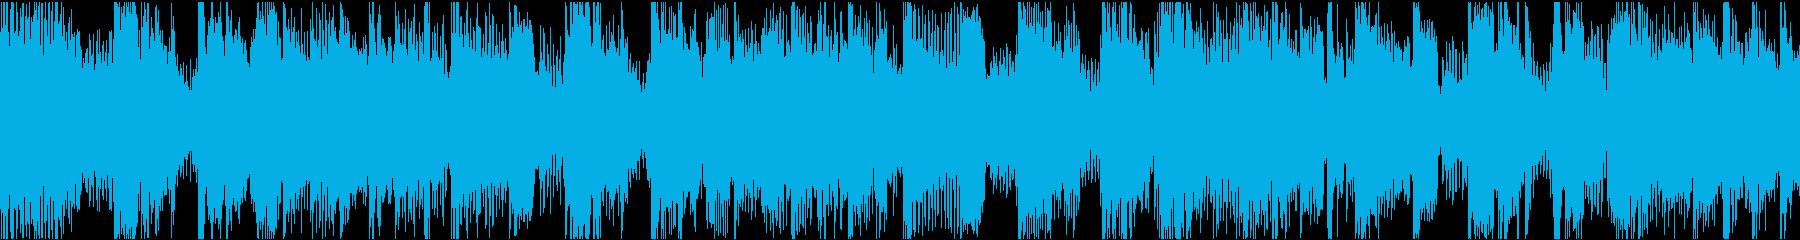 クラシックなロック/ロカビリーとク...の再生済みの波形